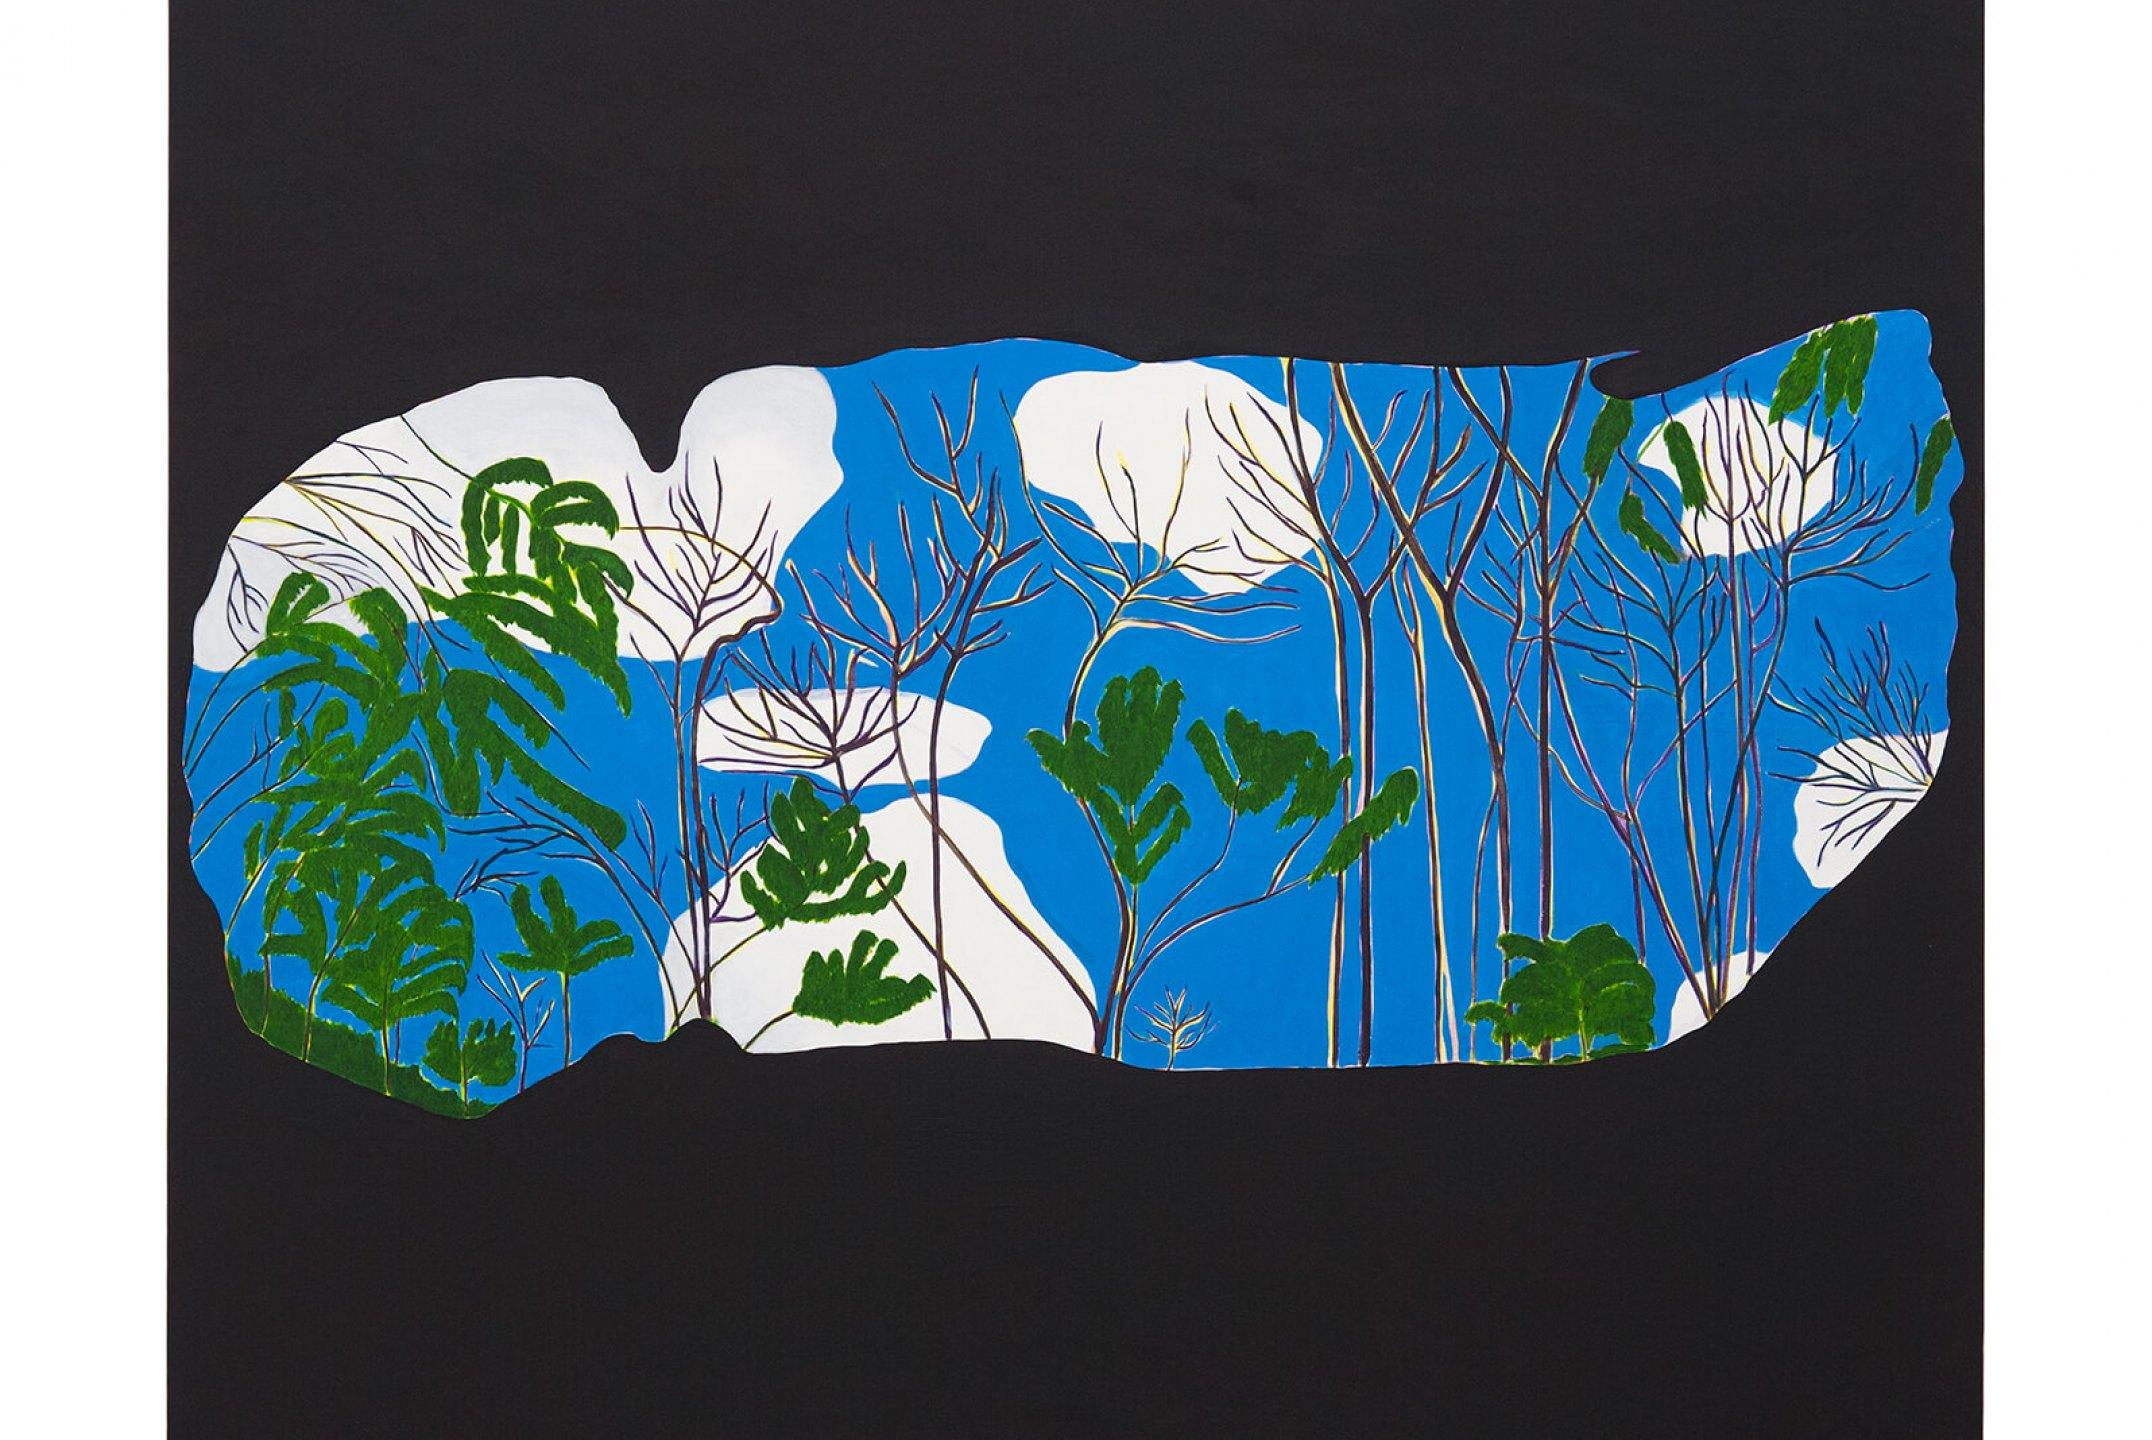 Patricia Leite, <em>Grotto,</em> 2014, oil on wood, 160×180 cm - Mendes Wood DM